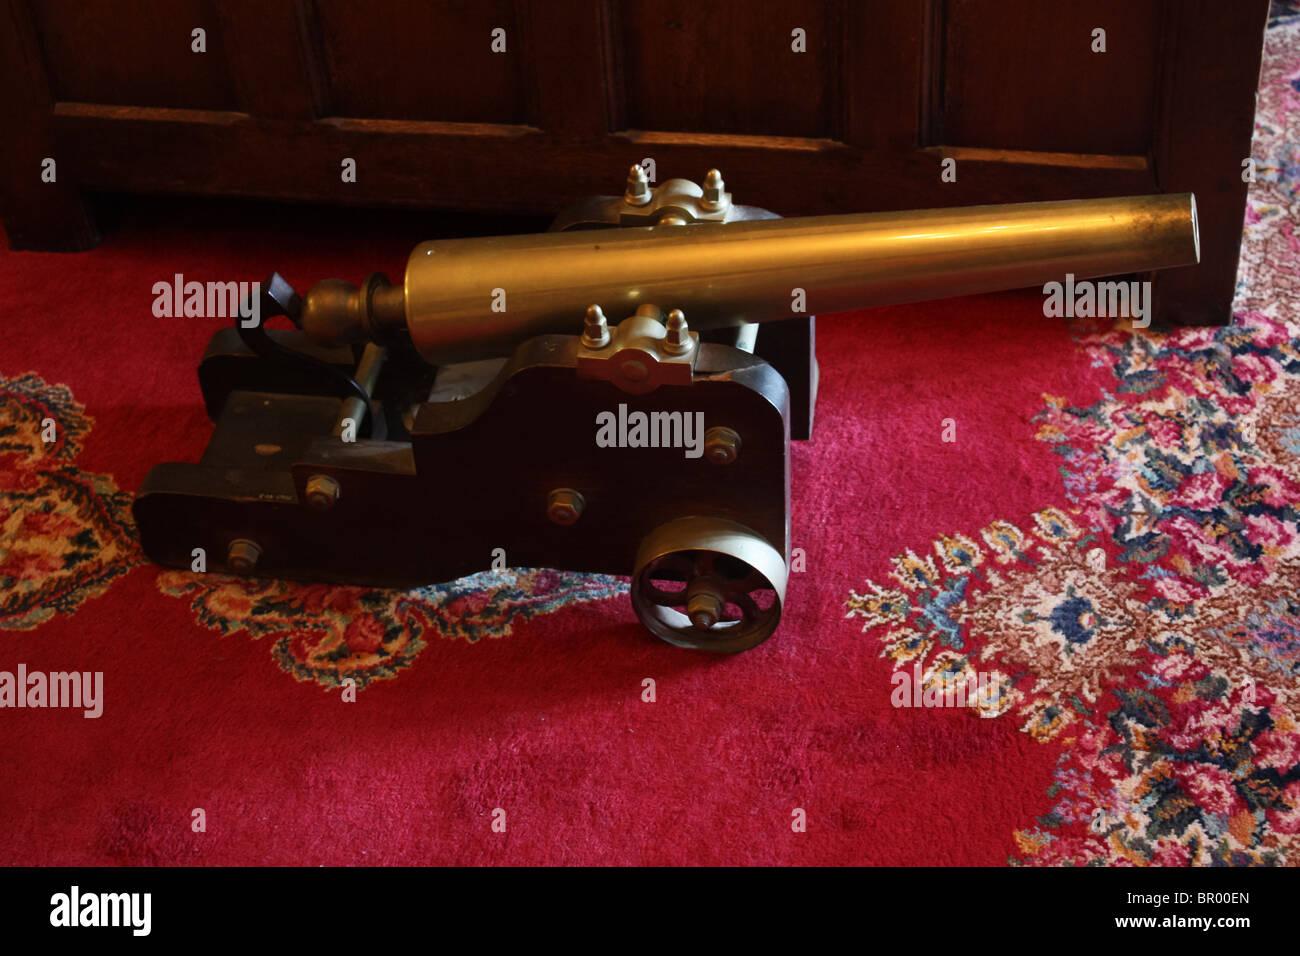 alte retro Vintage Spielzeug Kanone roten Teppich Stockbild